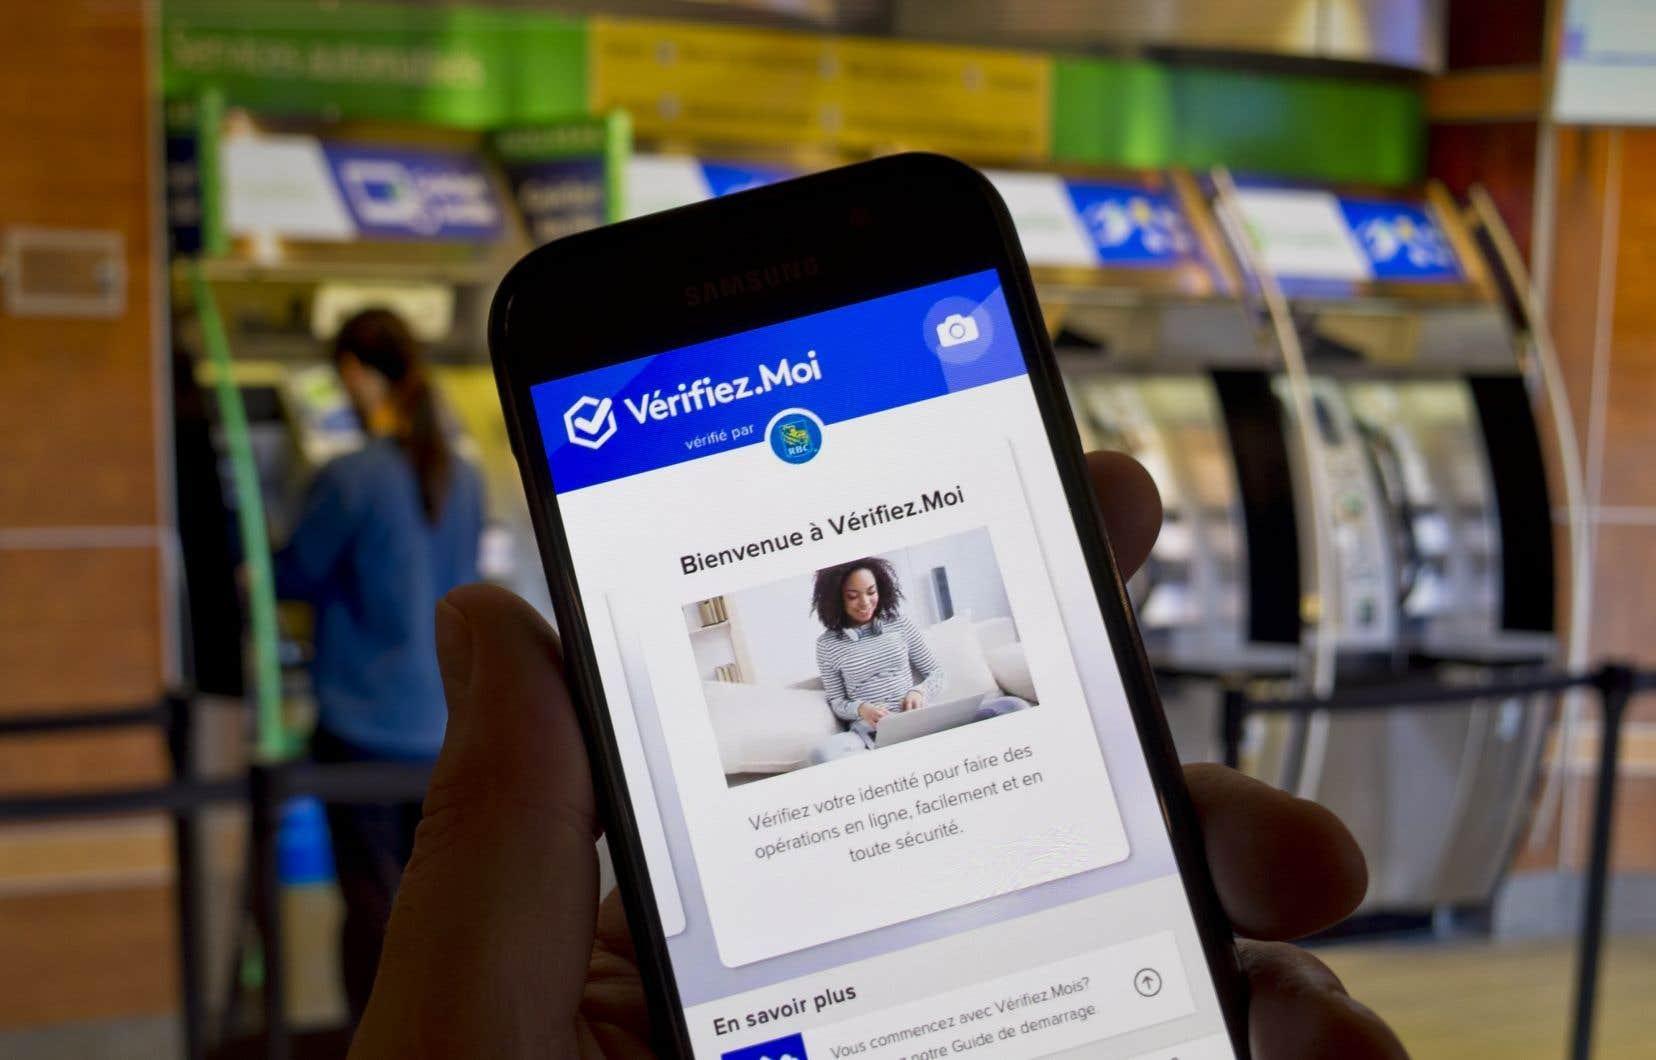 L'application Vérifiez.Moi aide à vérifier l'identité d'une façon qu'on promet rapide et sécuritaire à partir d'un téléphone intelligent.